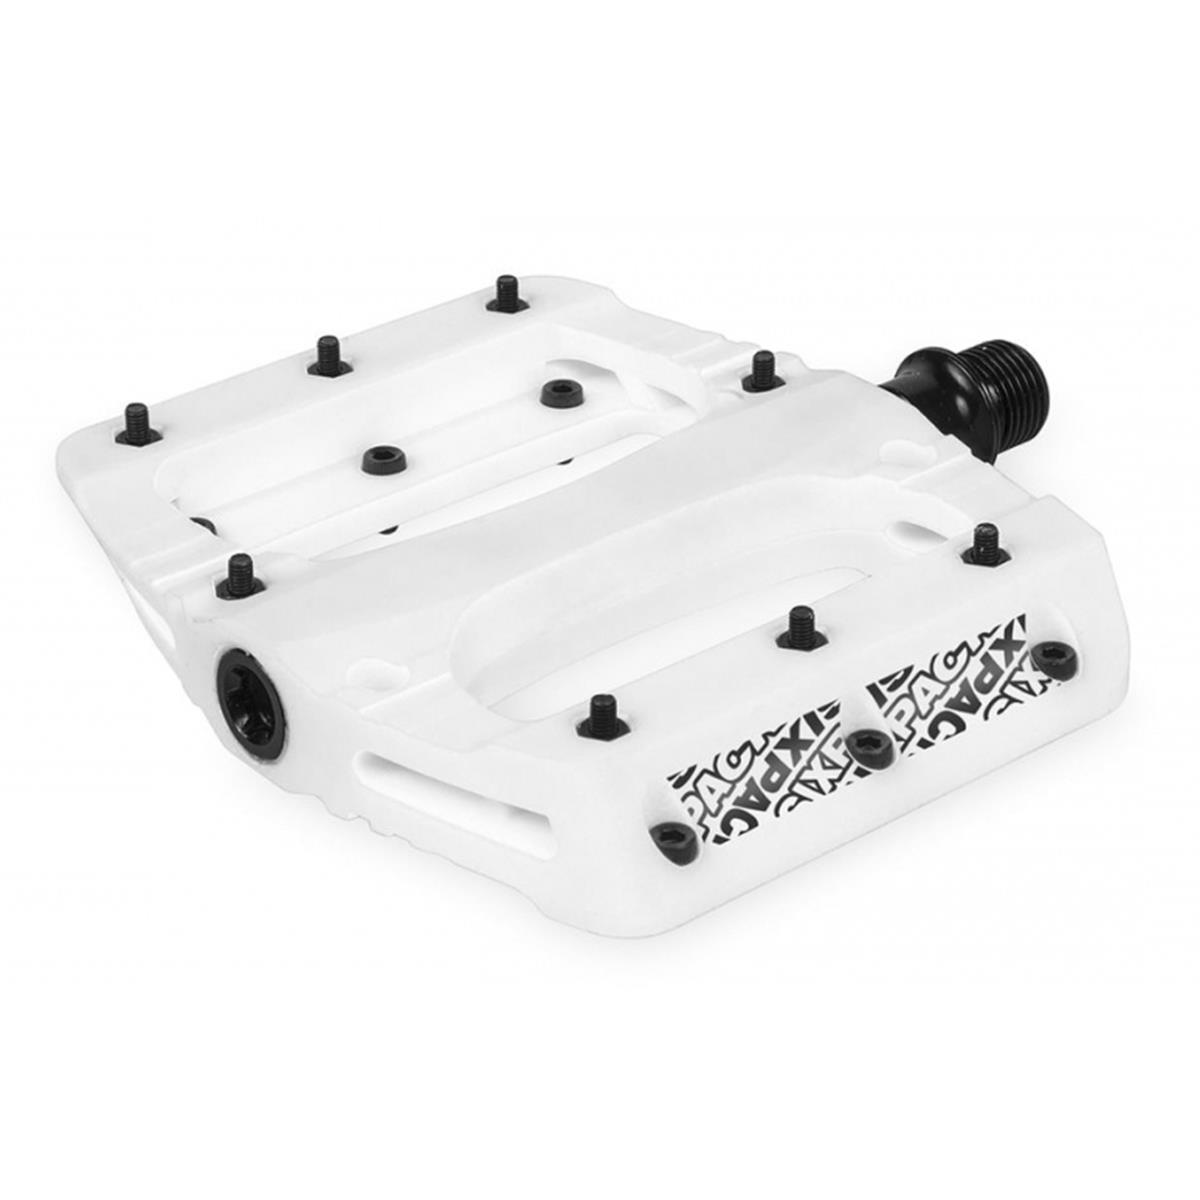 Sixpack Plattform-Pedal Vegas Weiß, 95x110 mm Plattform, 32 M3 Pins, 1 Paar